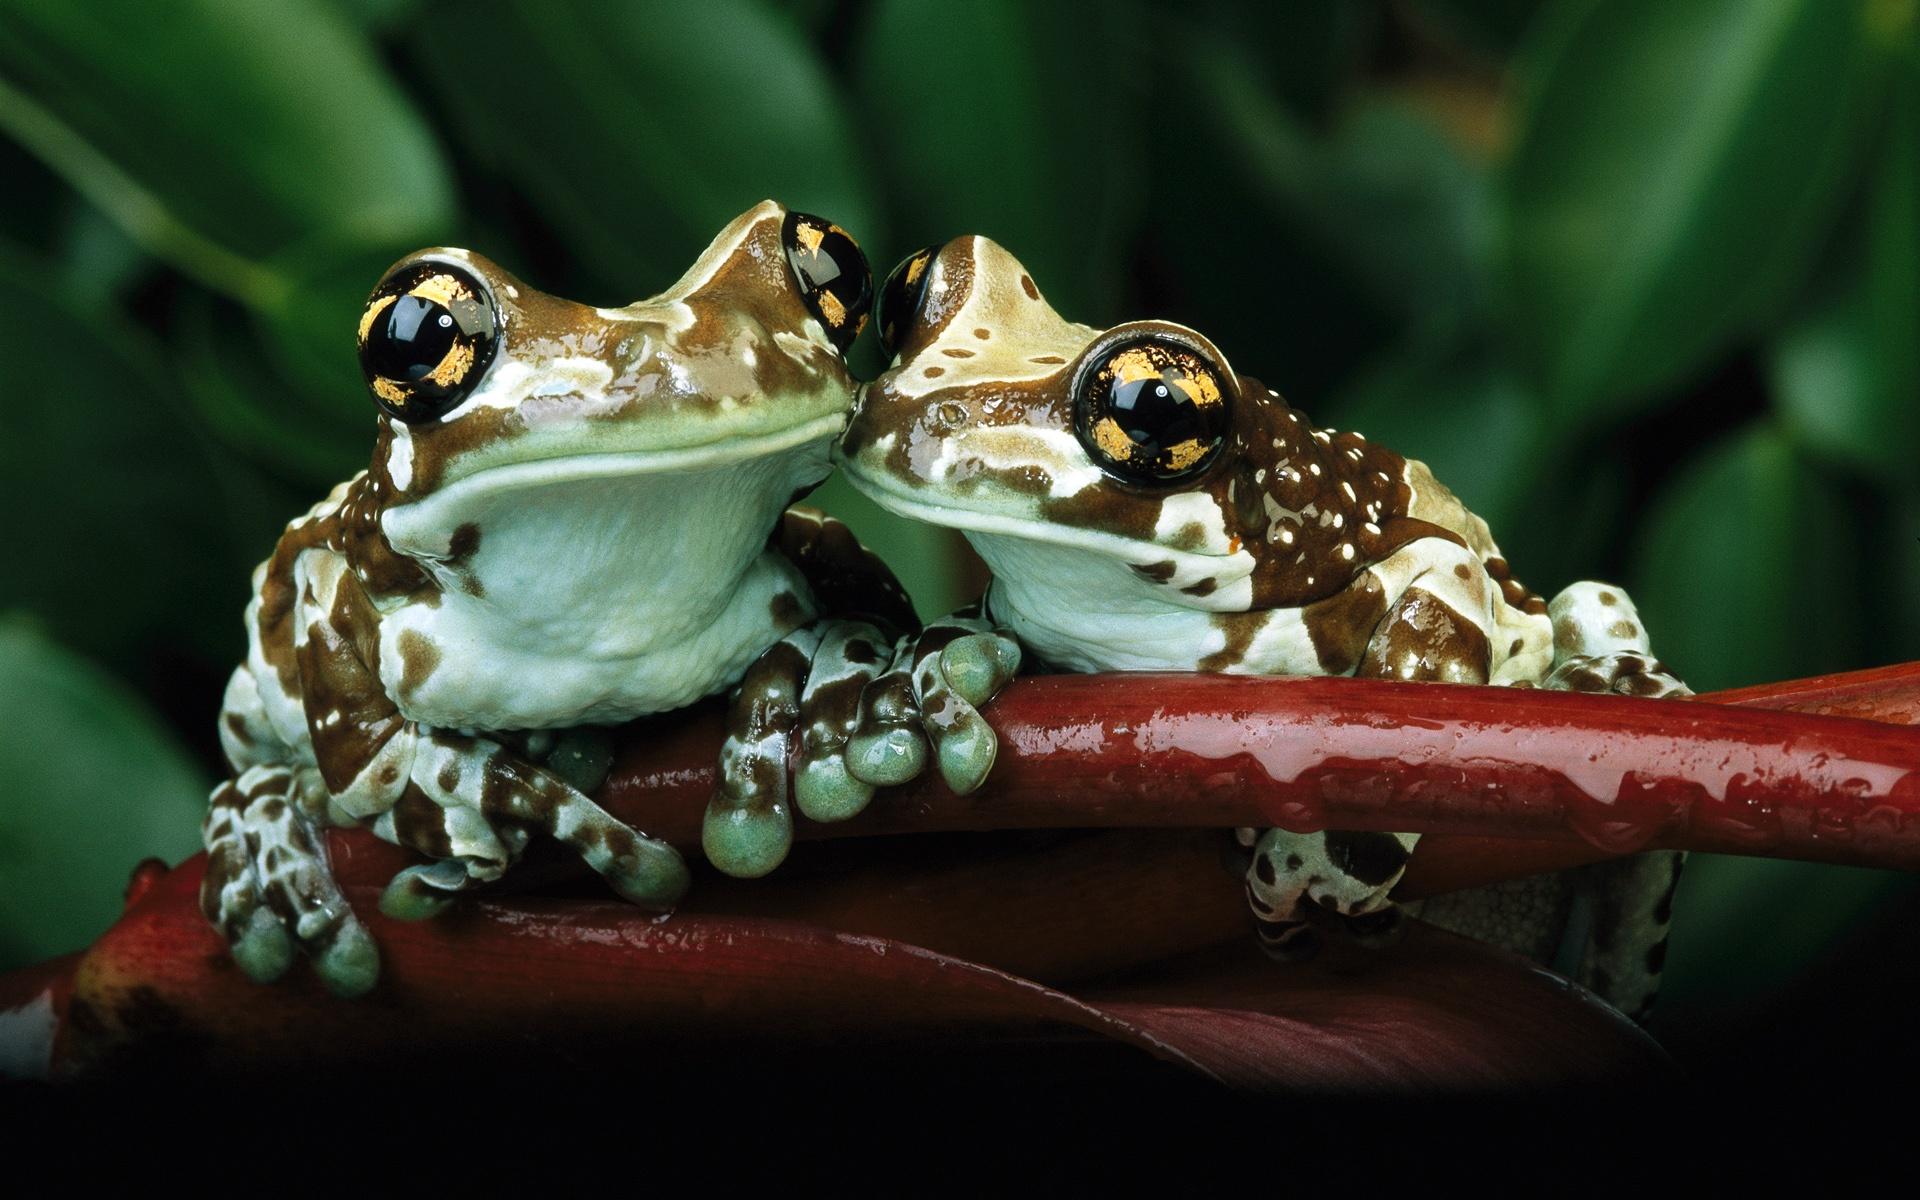 жаба лист фон  № 3164684 загрузить